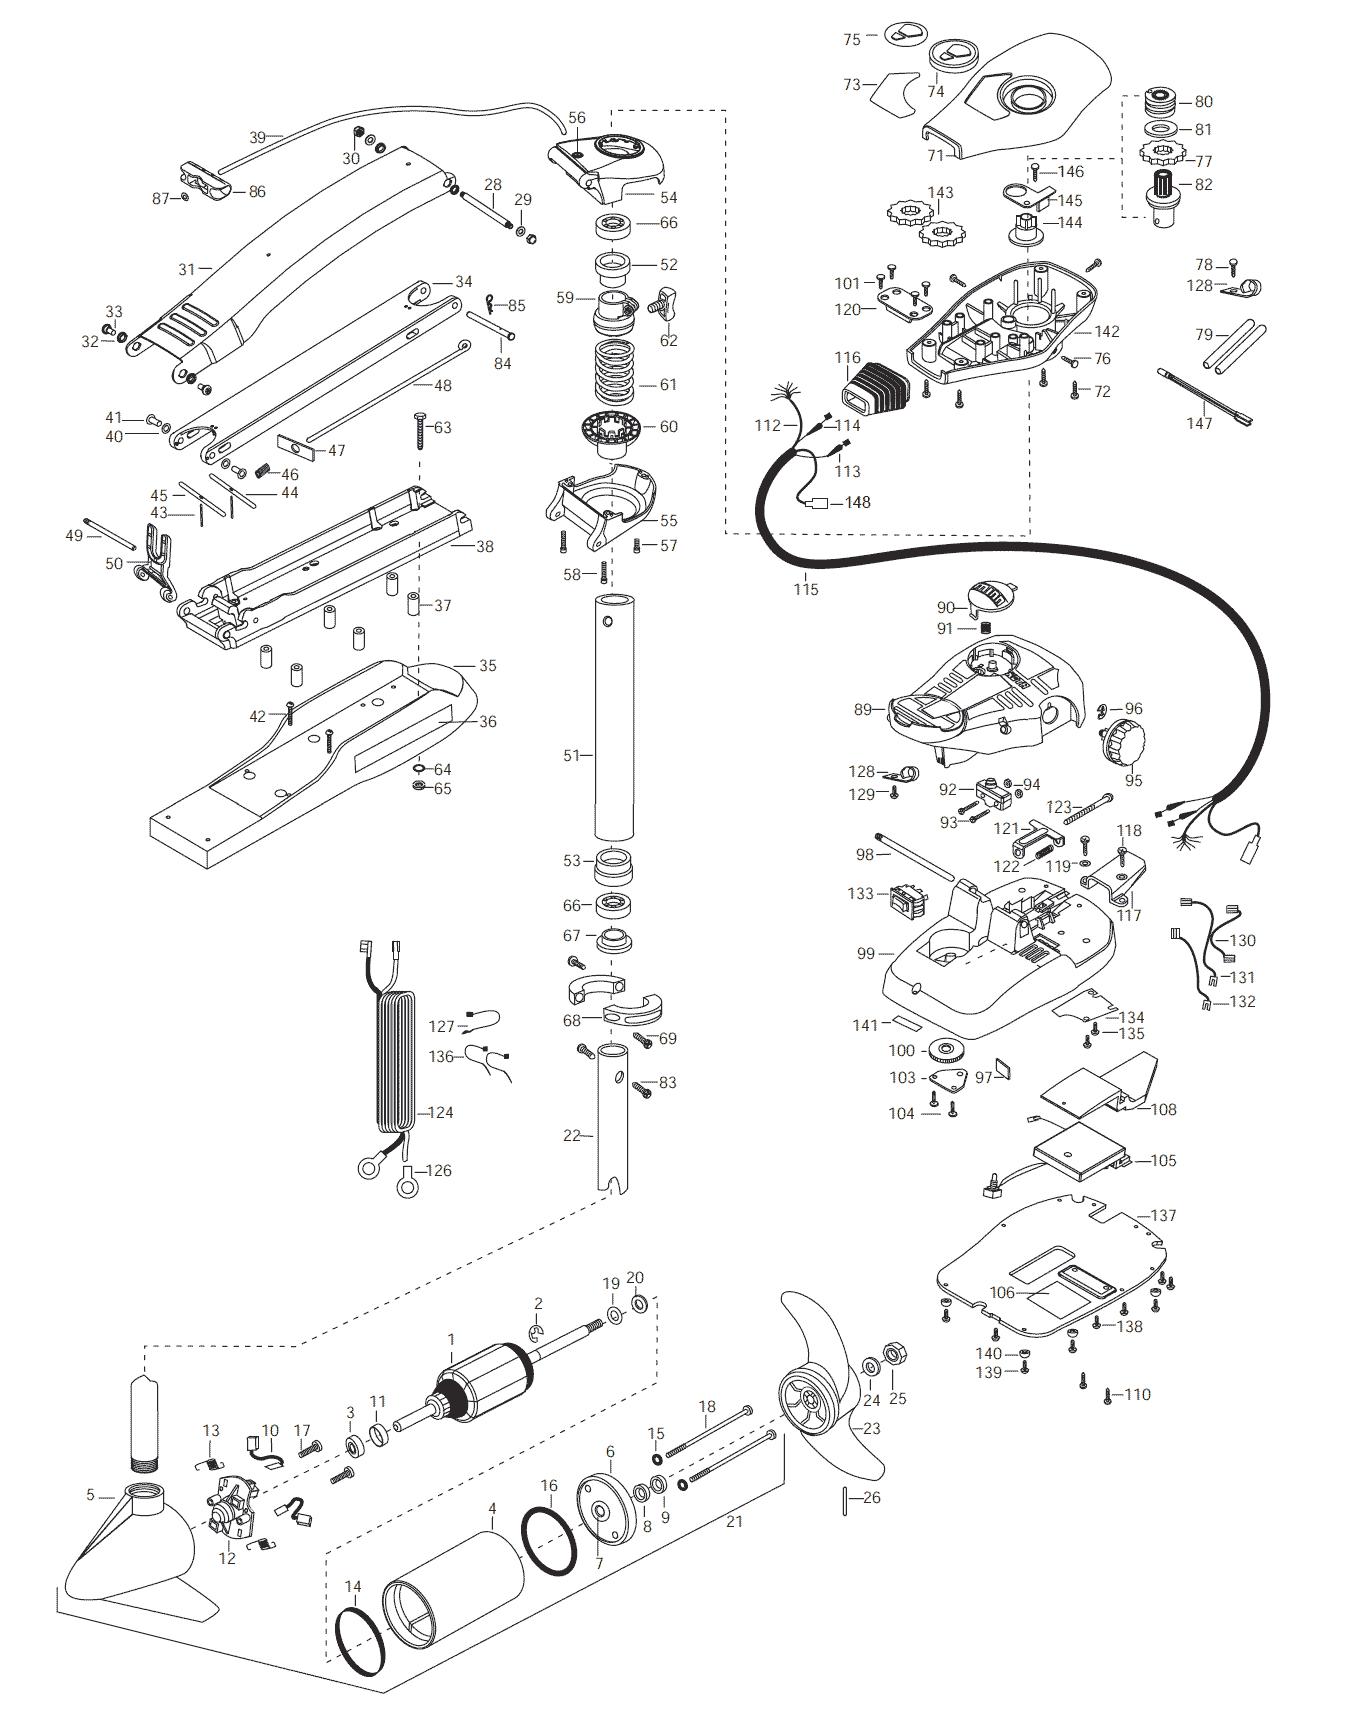 Minn Kota Maxxum 65 (42 inch) Parts - 2003 from FISH307.com New Switch Wiring Diagram Minn Kota on